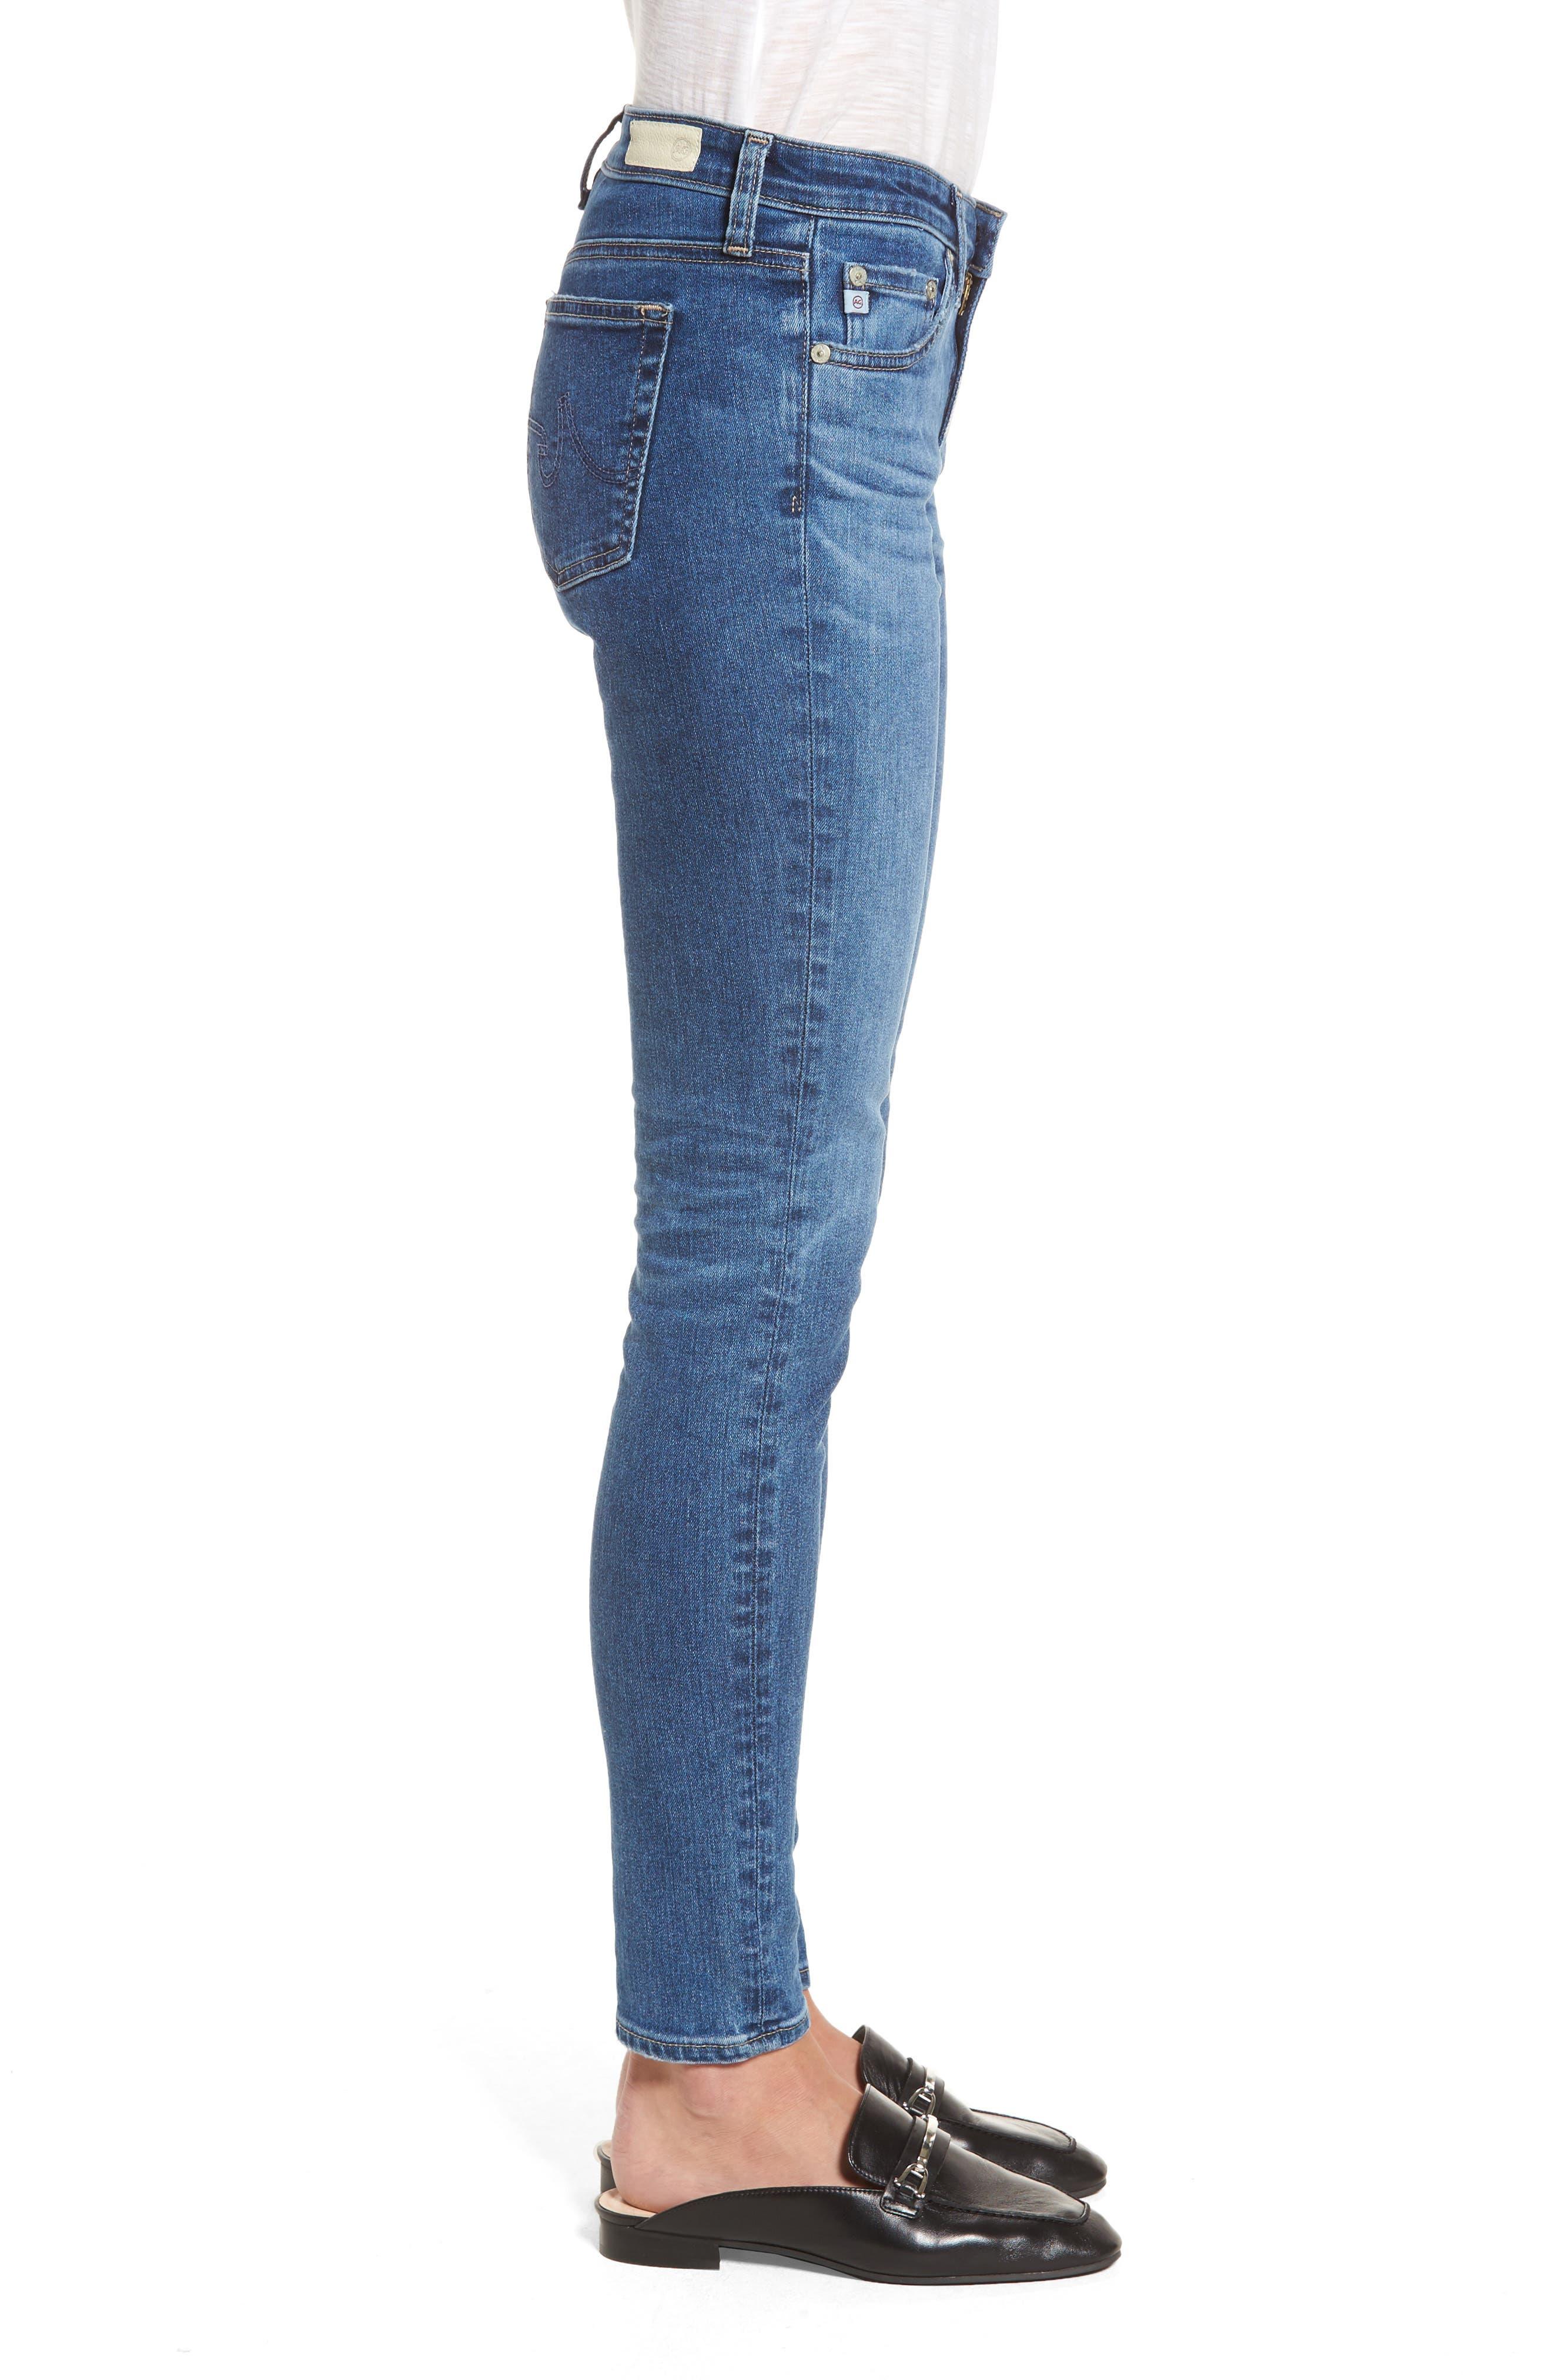 Alternate Image 3  - AG The Legging Ankle Super Skinny Jeans (17 Years Sea Drift)